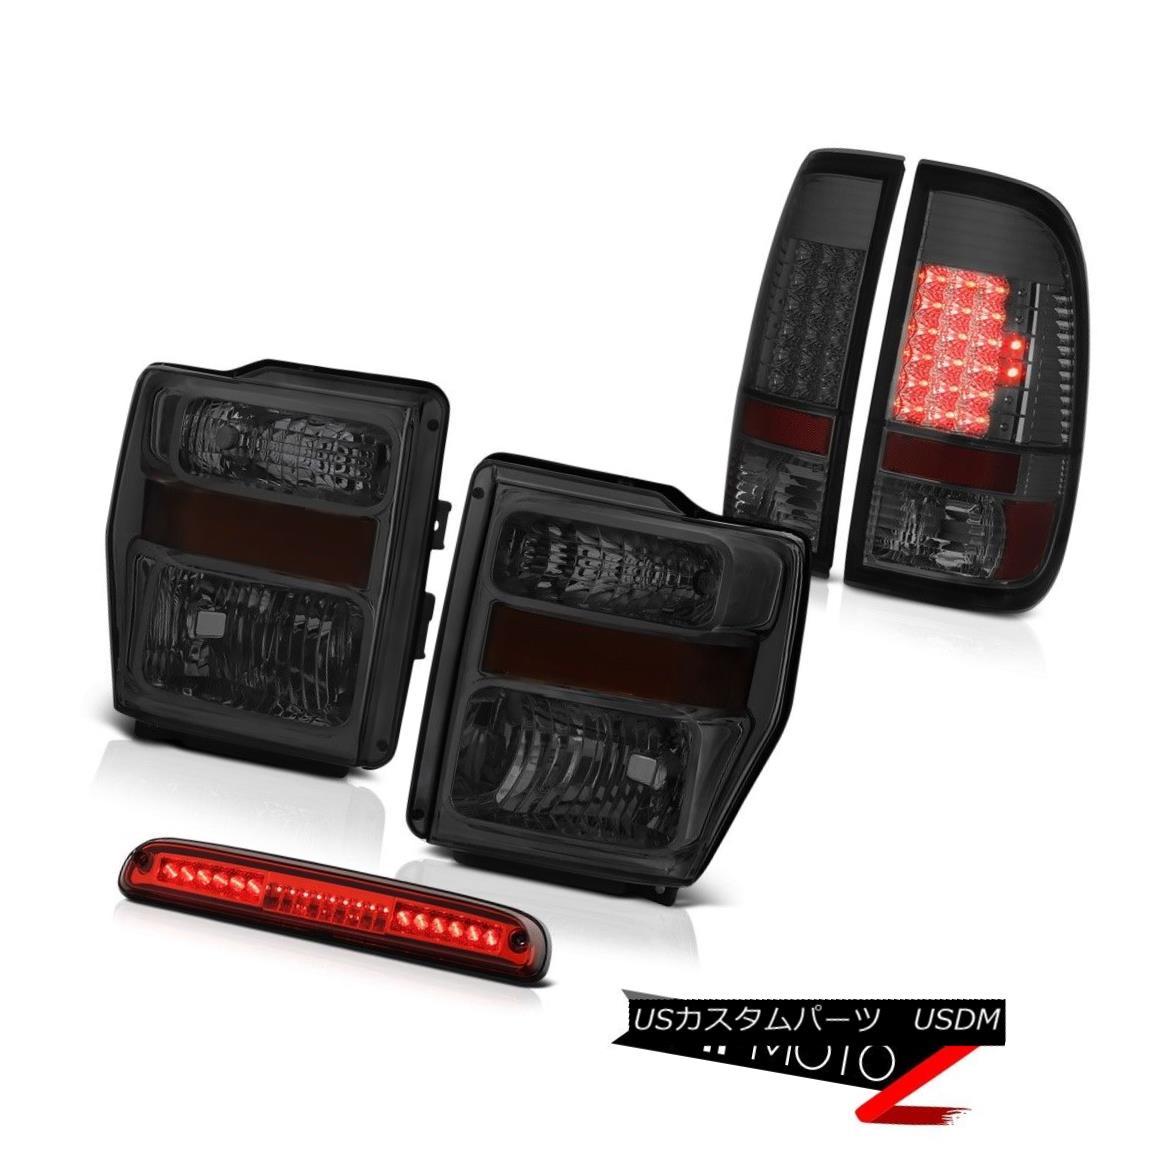 テールライト 2008-2010 F250 FX4 Left Right Smoke Headlights LED Tail Lights Third Brake Cargo 2008年?2010年F250 FX4左煙ヘッドライトLEDテールライト第3ブレーキ貨物